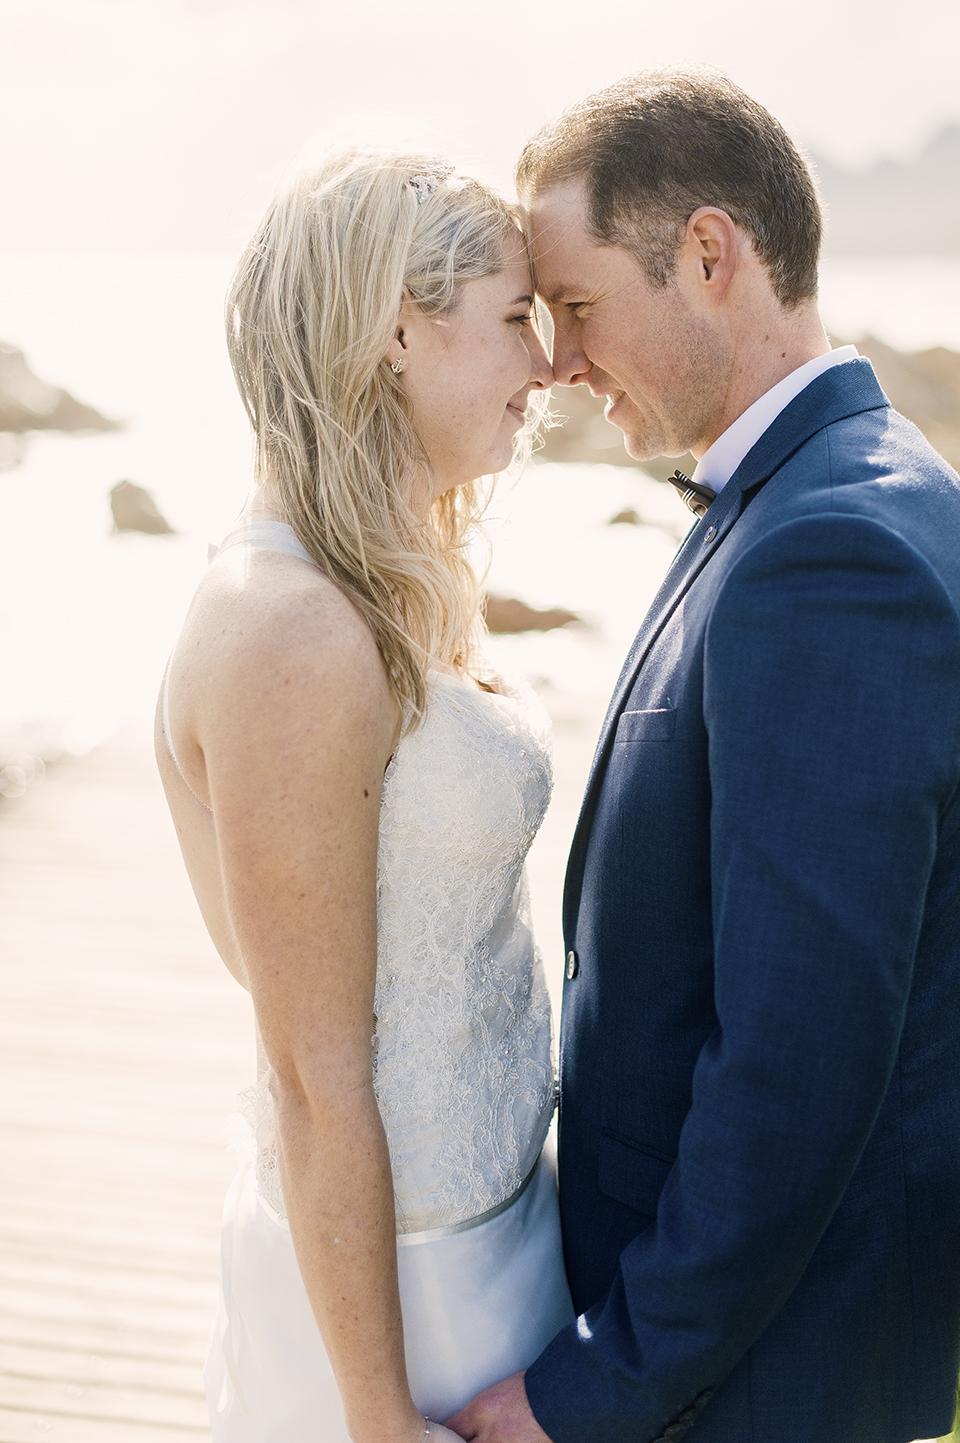 RyanParker_WeddingPhotographer_CapeTown_Hermanus_PringleBay_SouthAfrica_T&R_DSC_5590.jpg